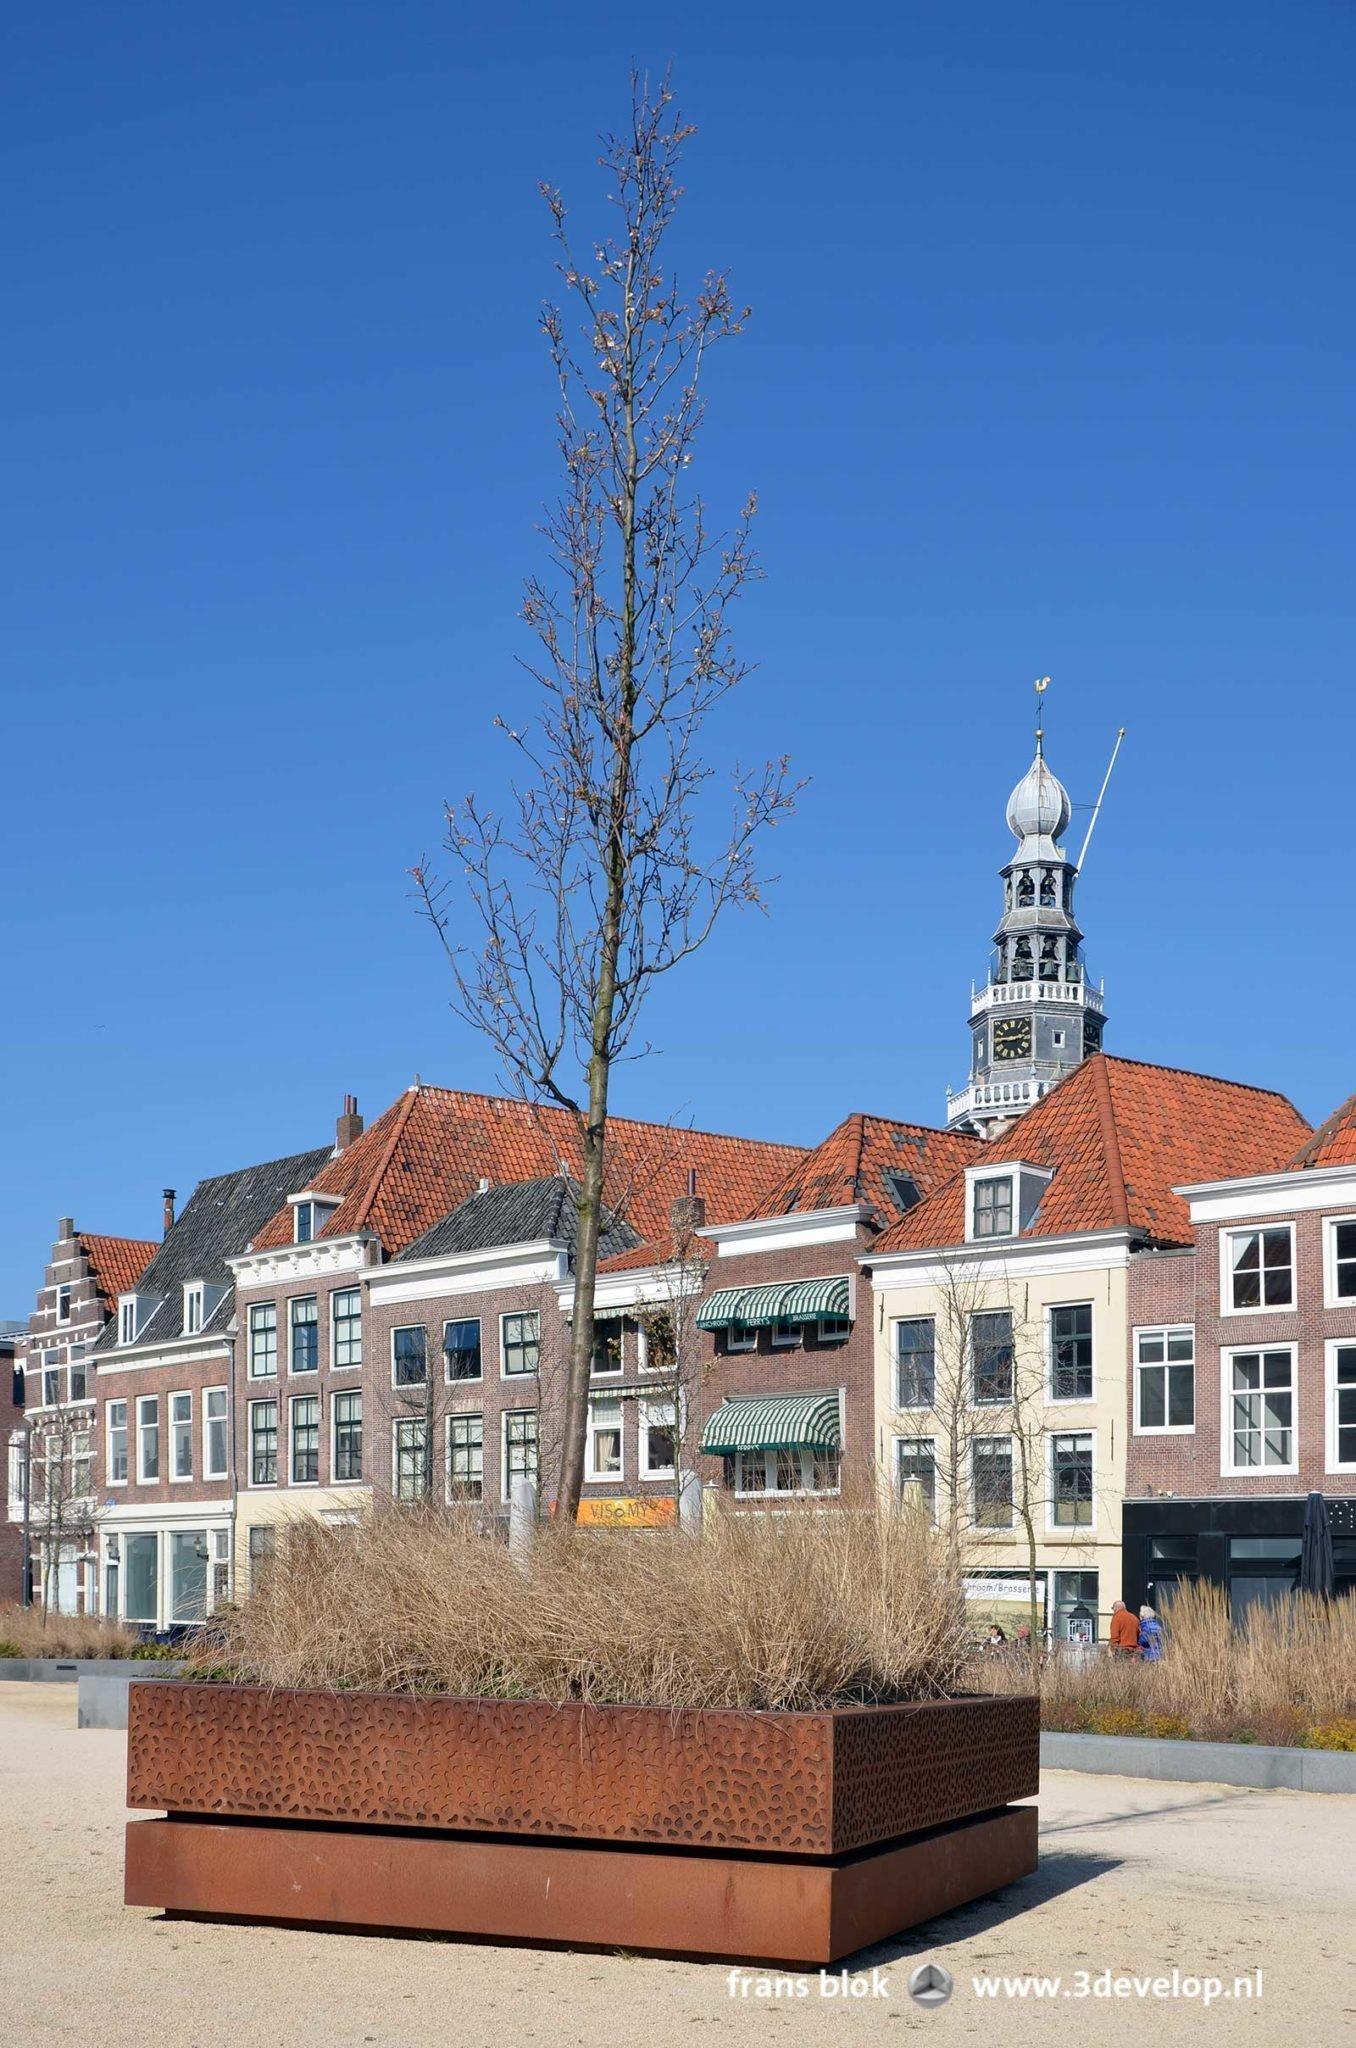 Corten stalen beplantings bak in halfverharding in het heringerichte Bellamypark in Vlissingen